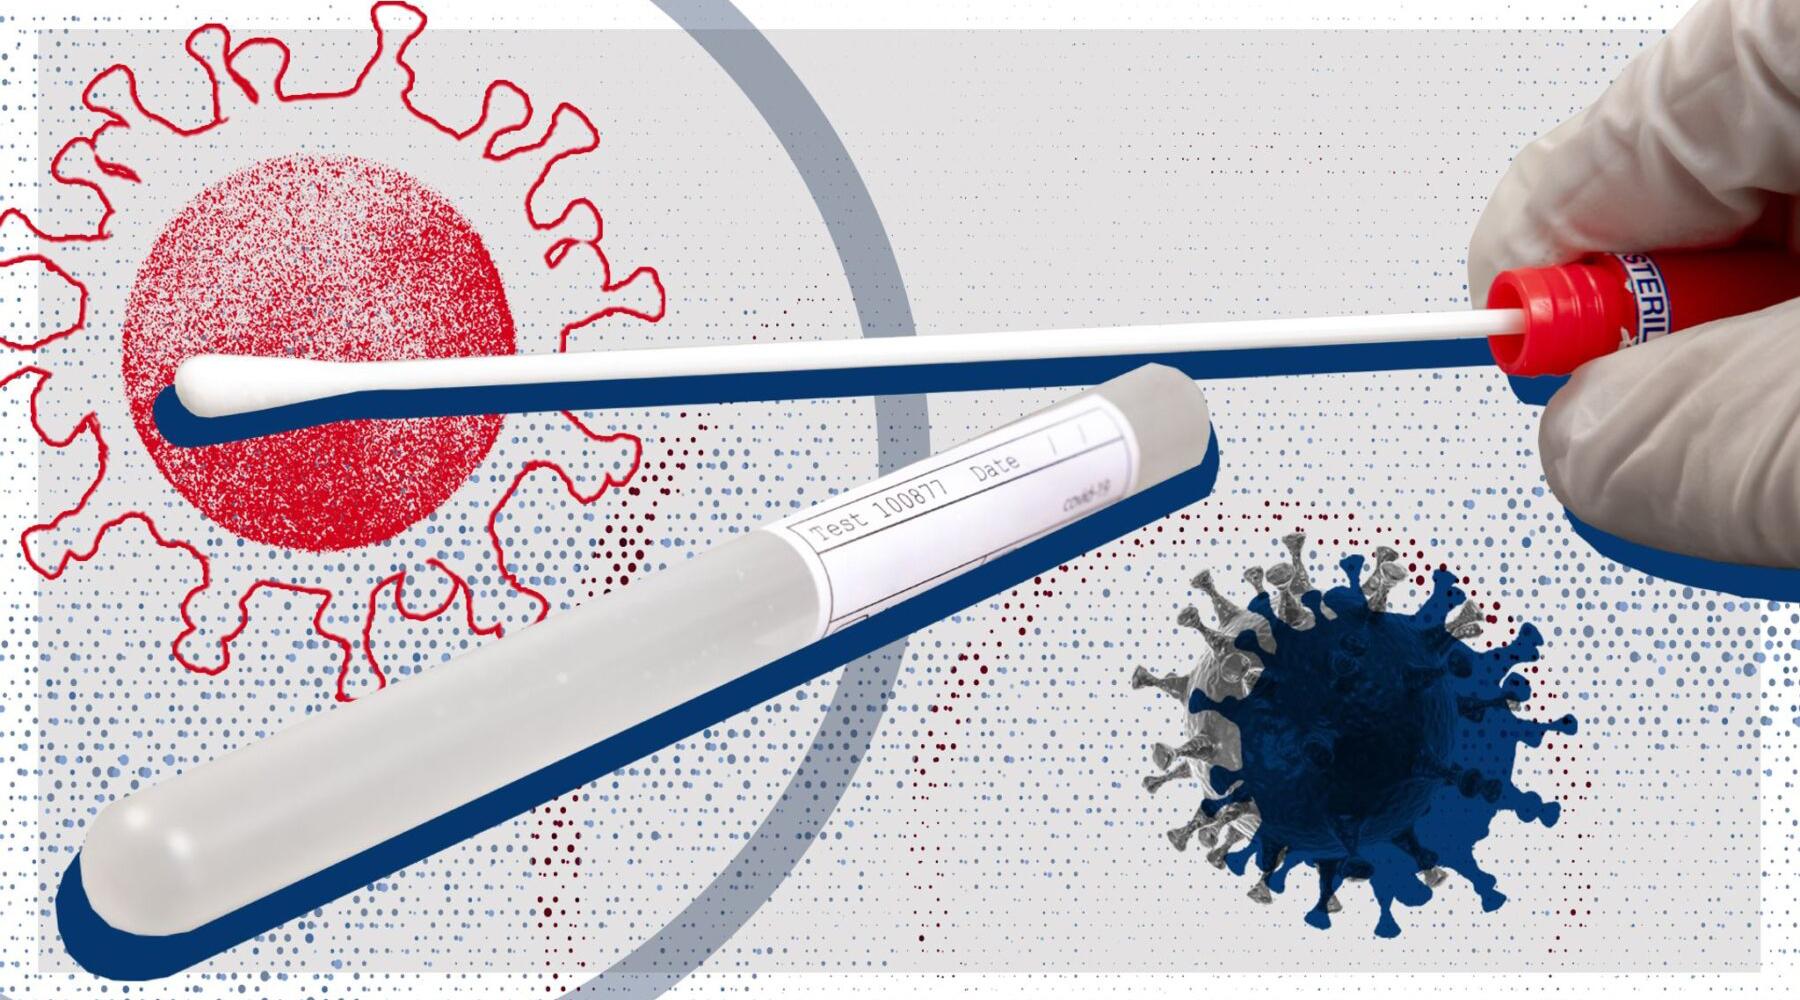 variante-inglese,-l'izs-puglia-e-basilicata-continua-l'attivita-di-sequenziamento-genomico-di-sars-cov2